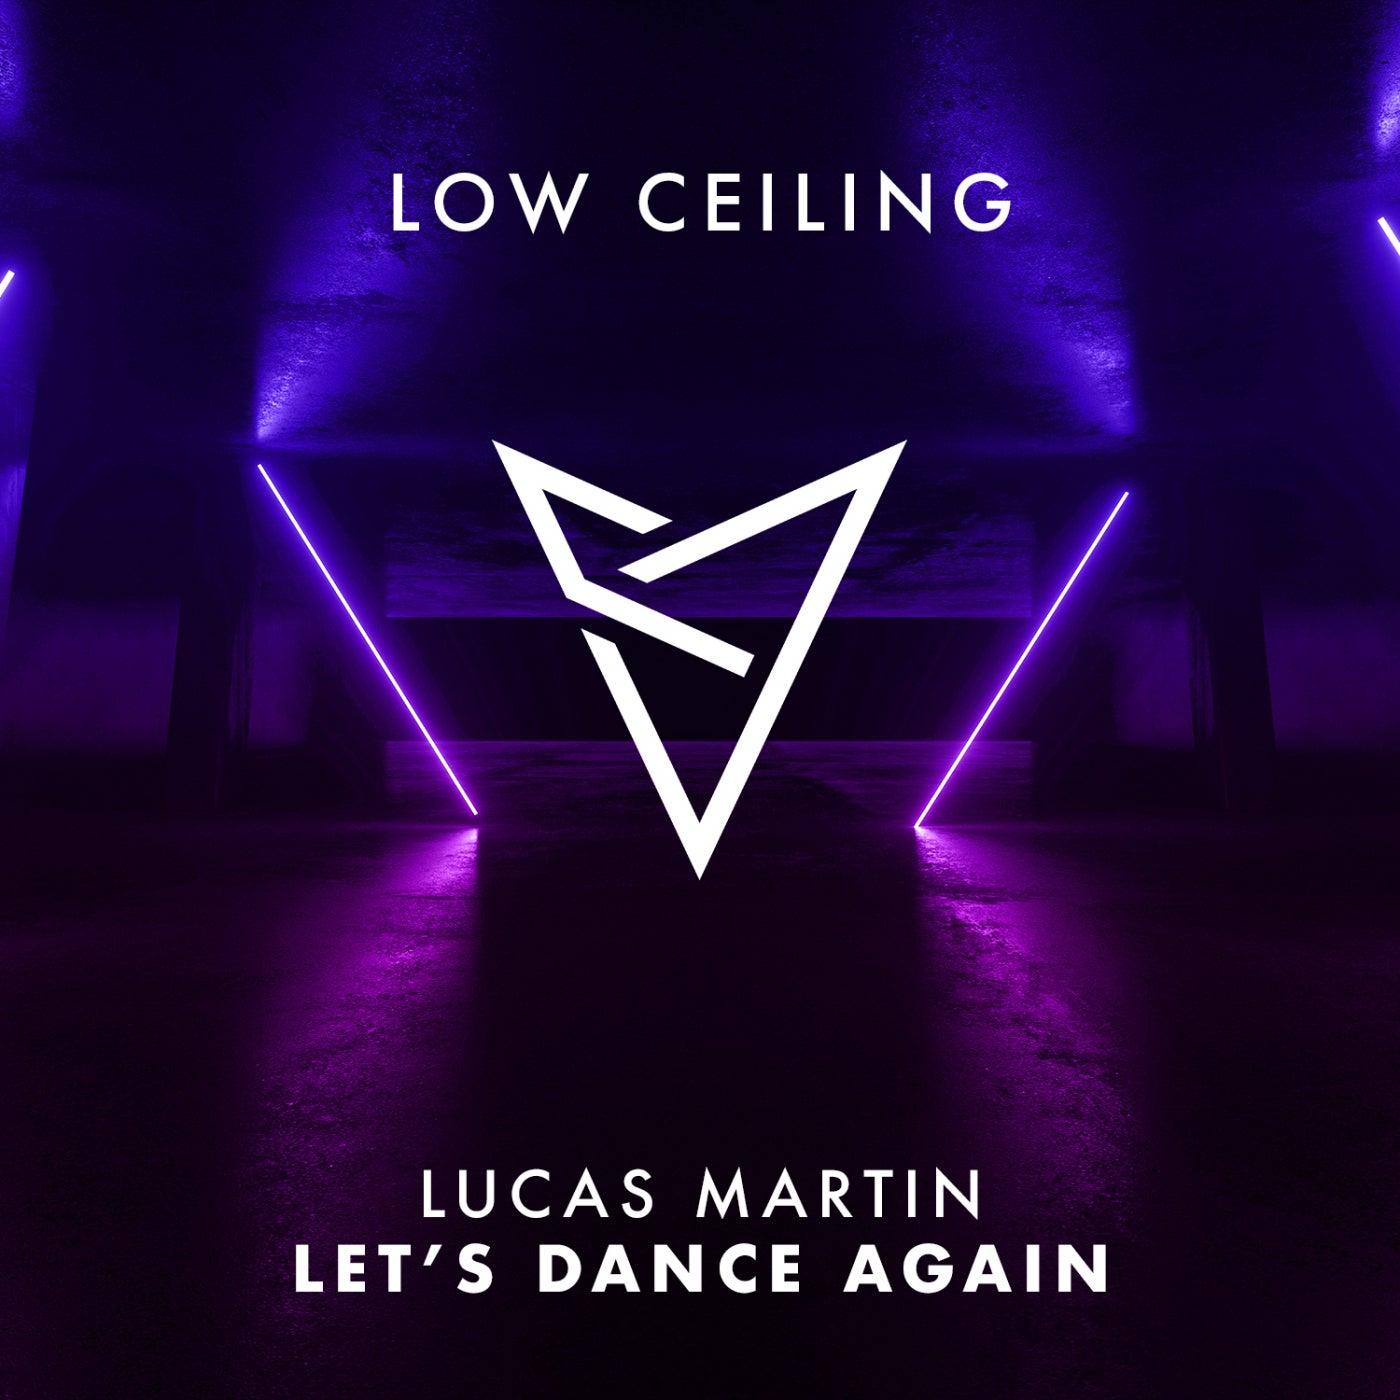 LET'S DANCE AGAIN (Original Mix)